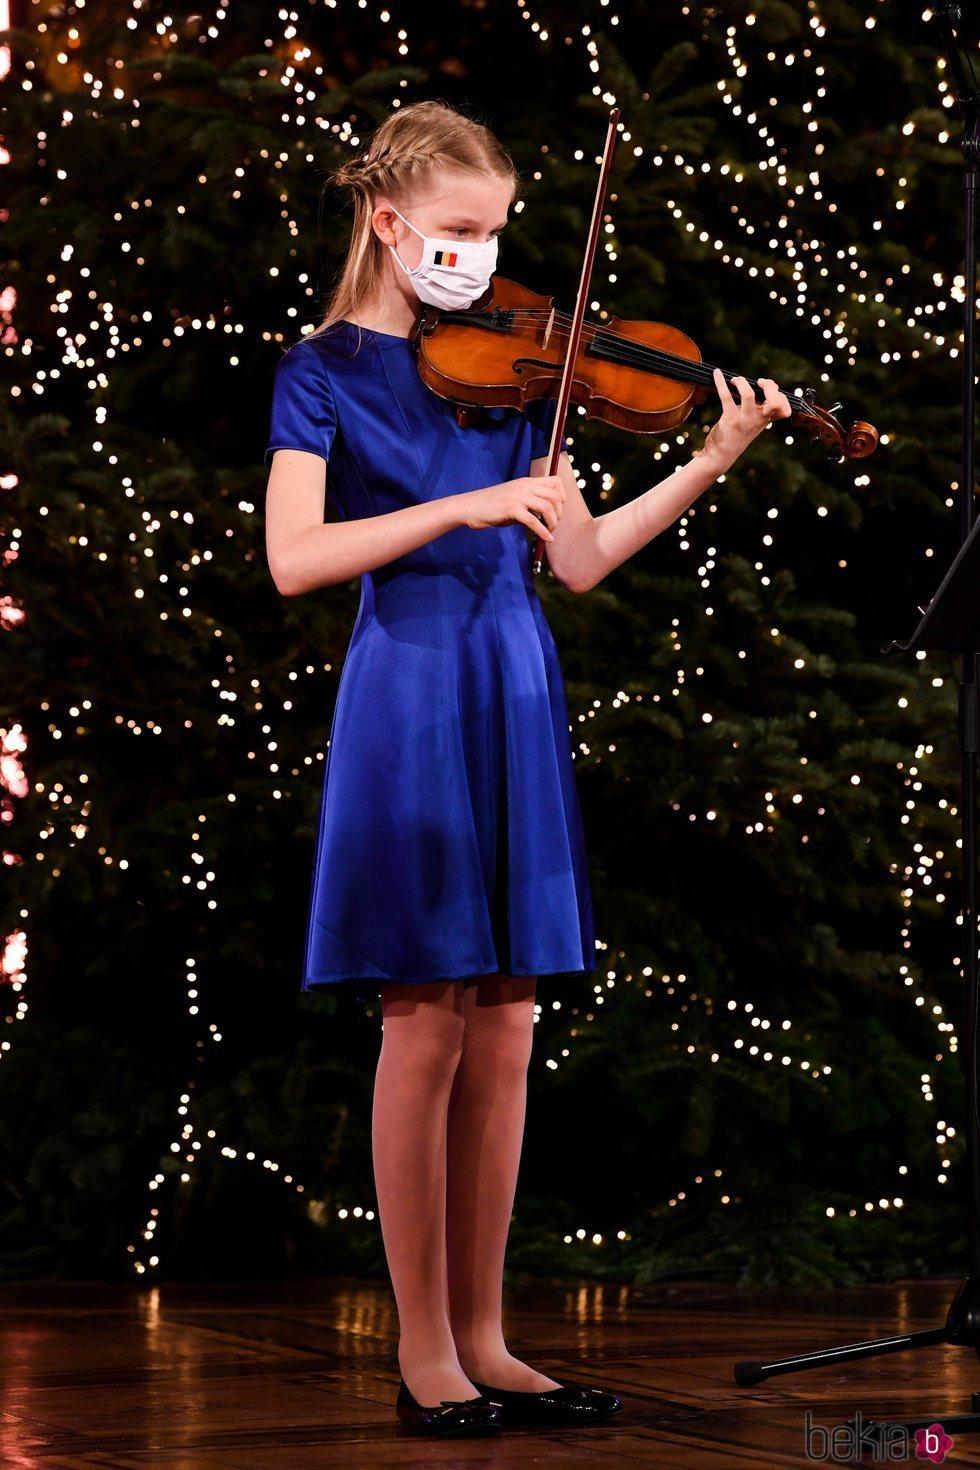 Leonor de Bélgica tocando el violín con mascarilla en el concierto de Navidad 2020